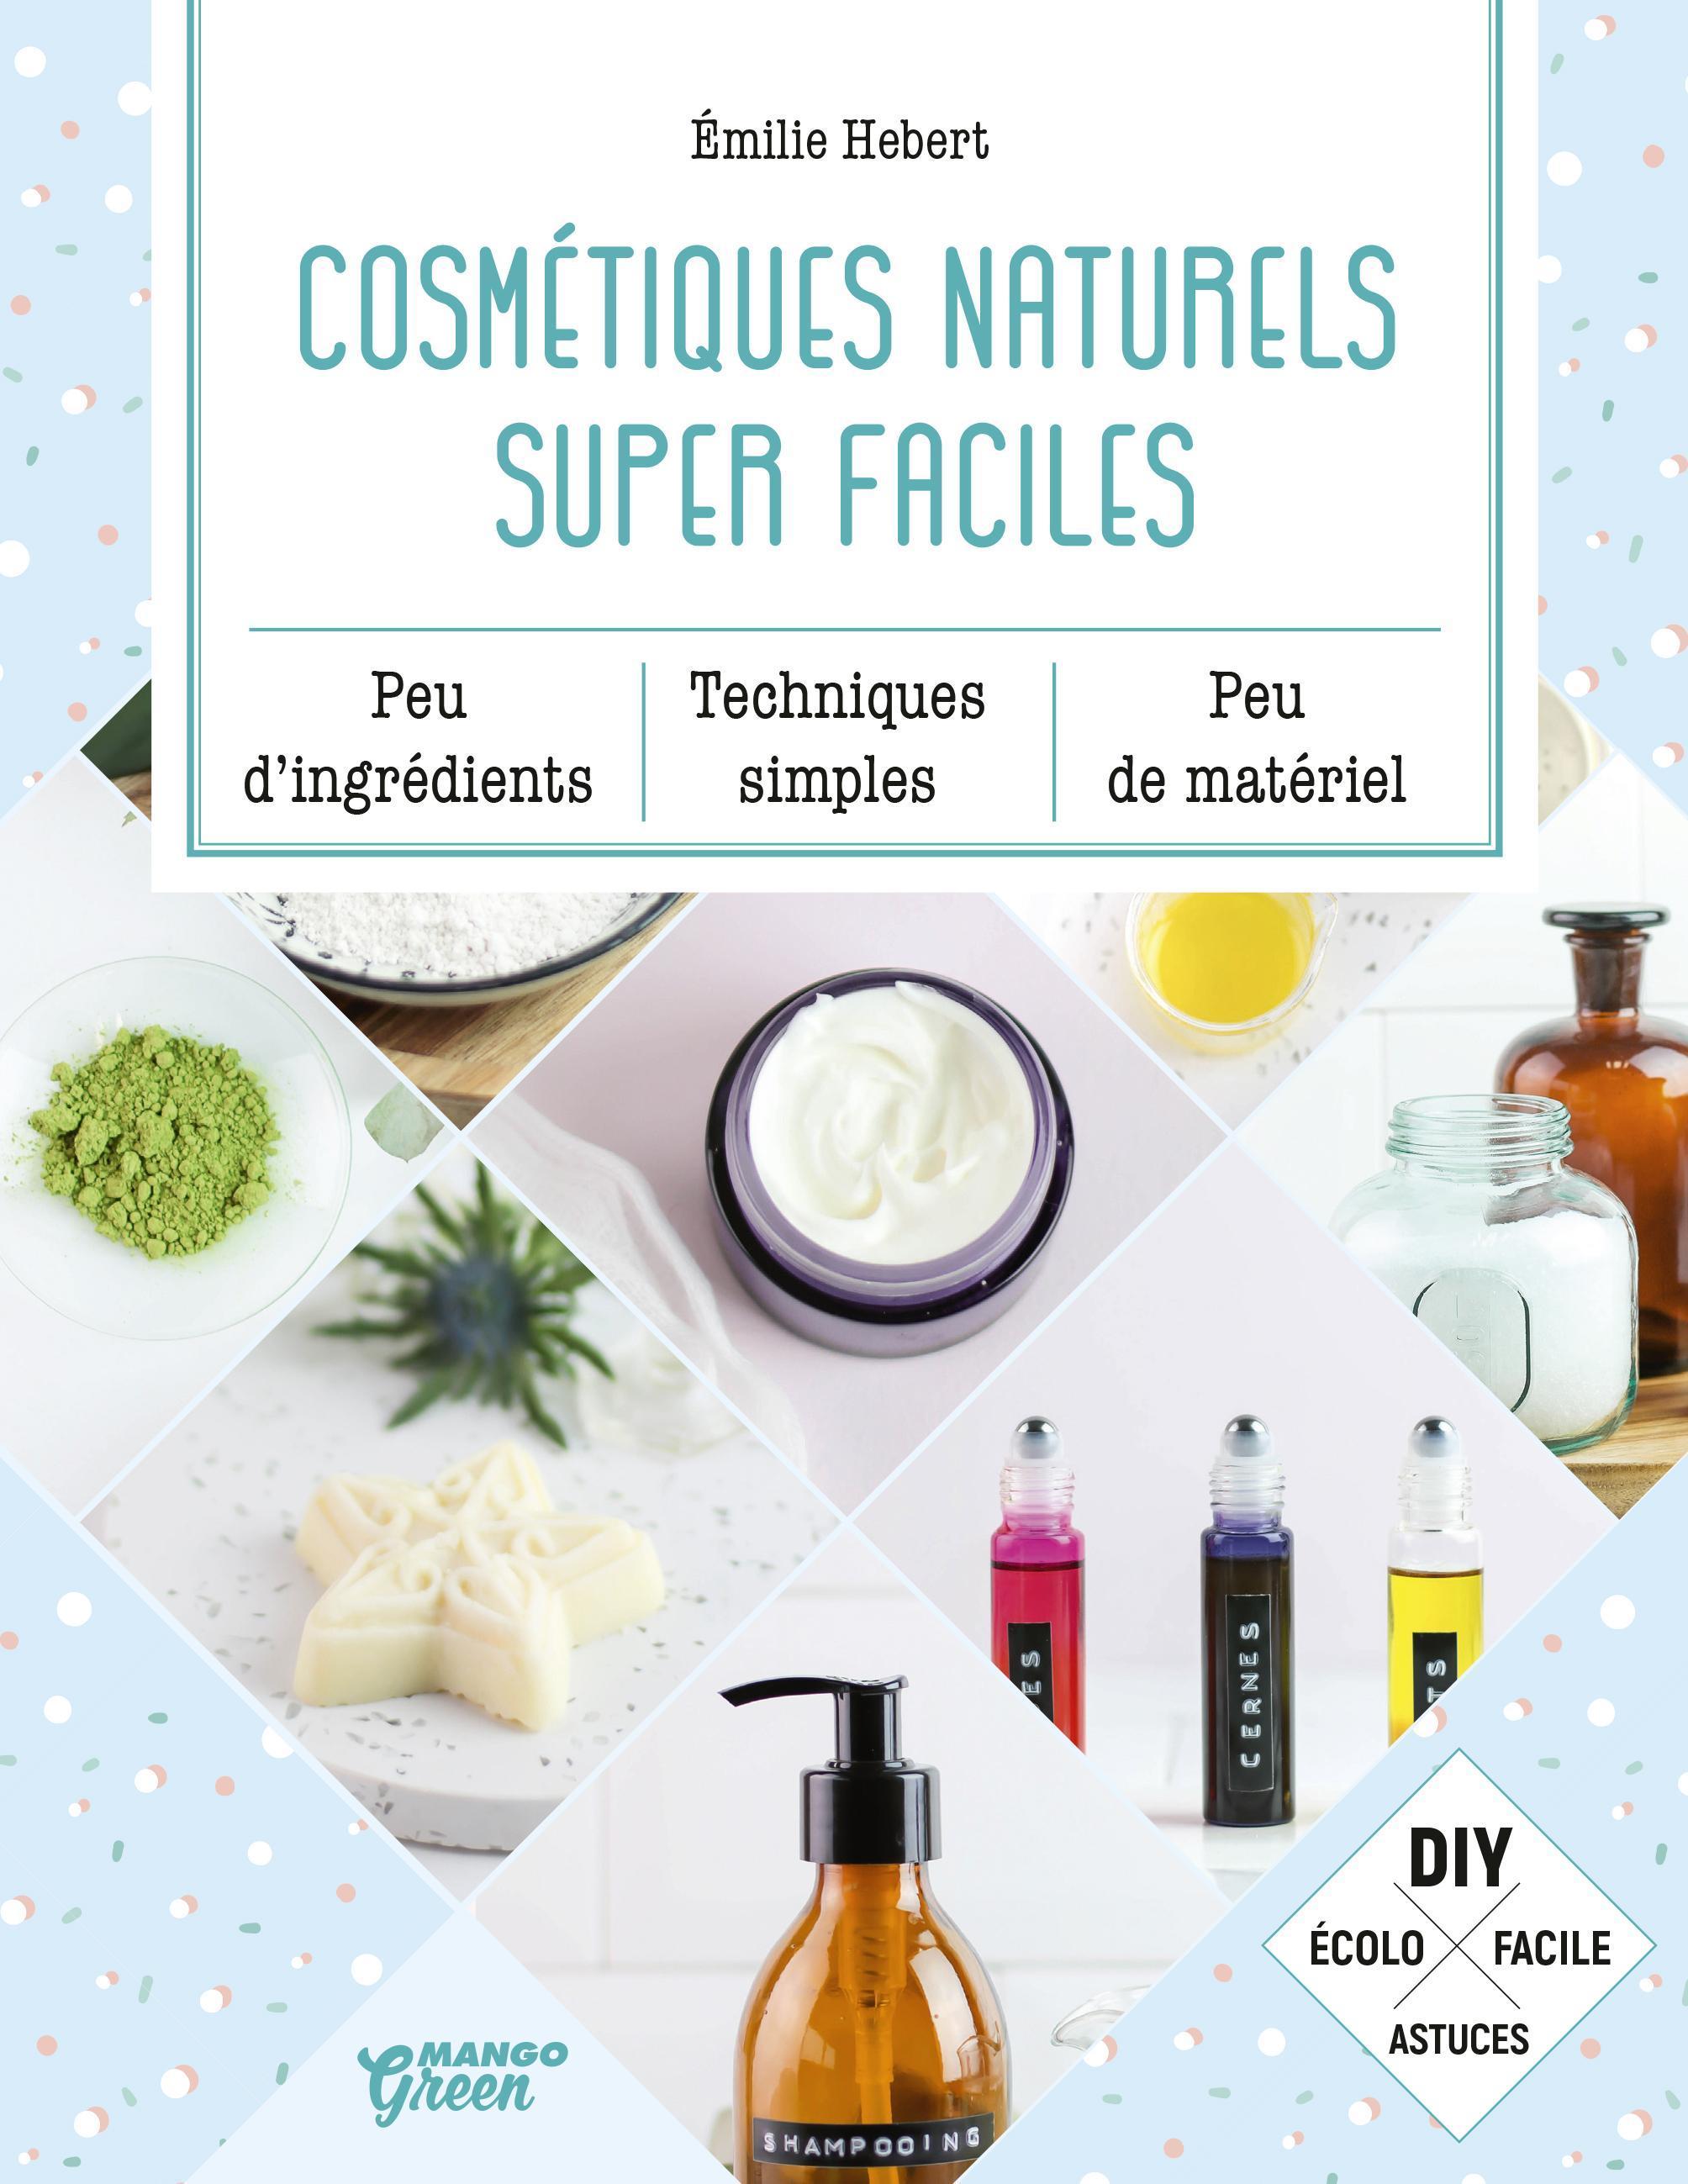 COSMETIQUES NATURELS SUPER FACILES